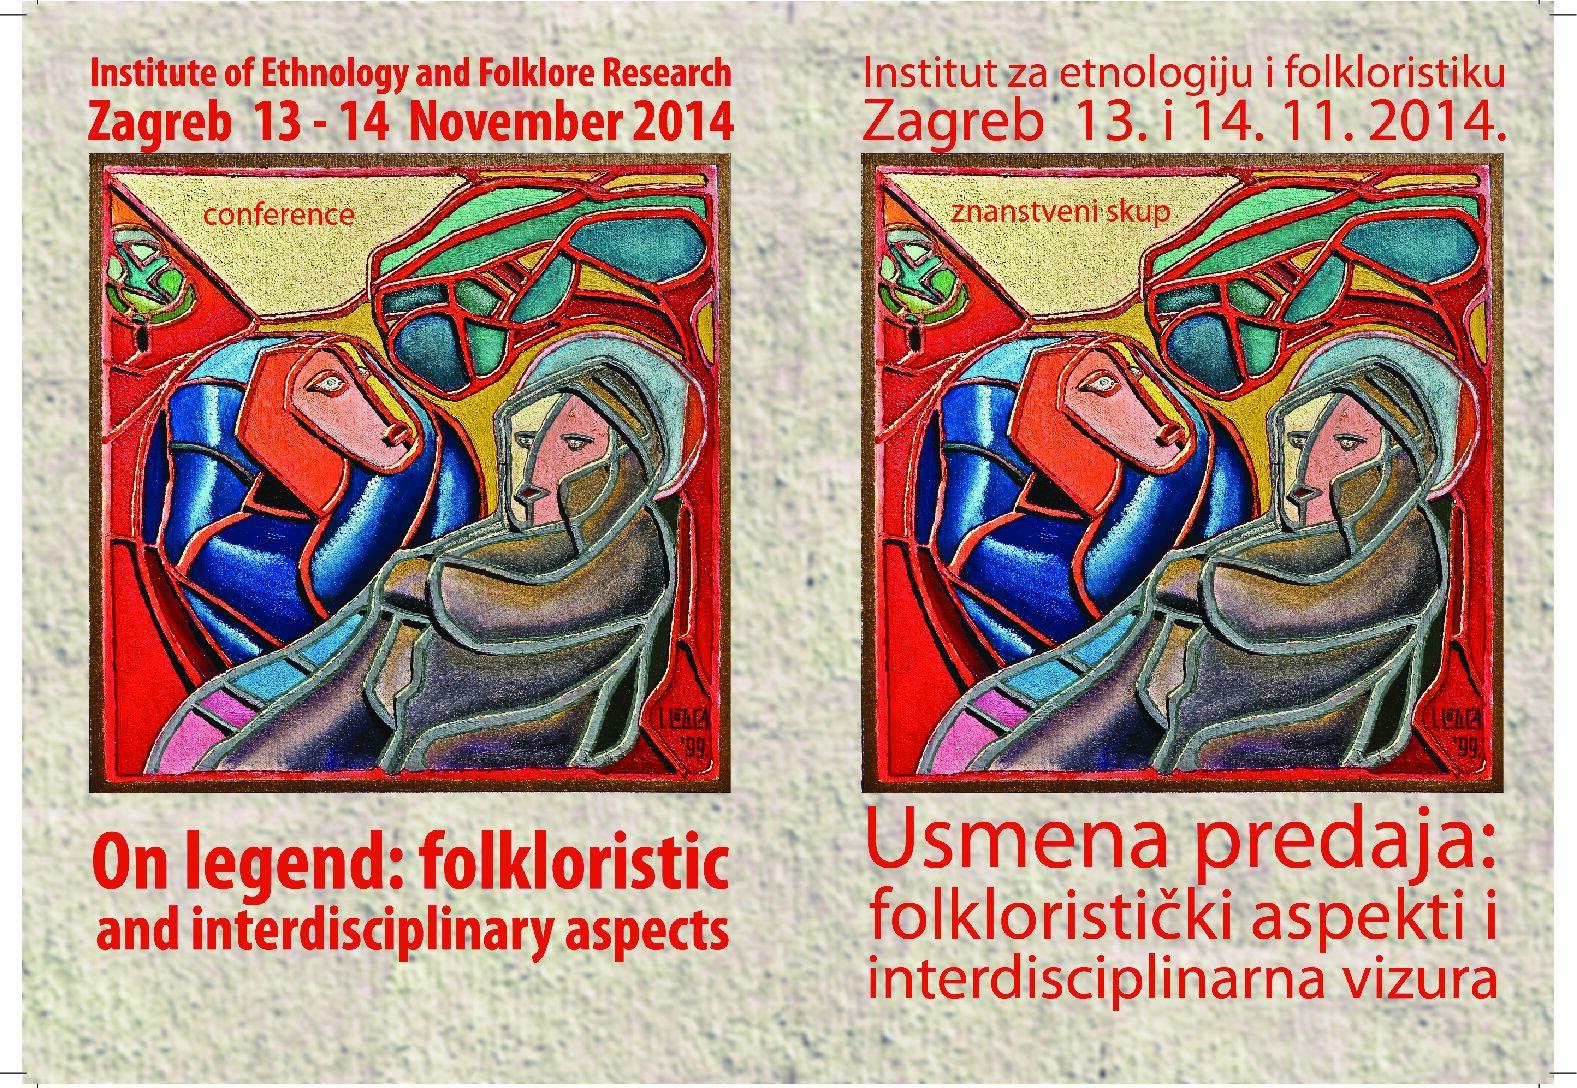 Usmena predaja: folkloristički aspekti i interdisciplinarna vizura